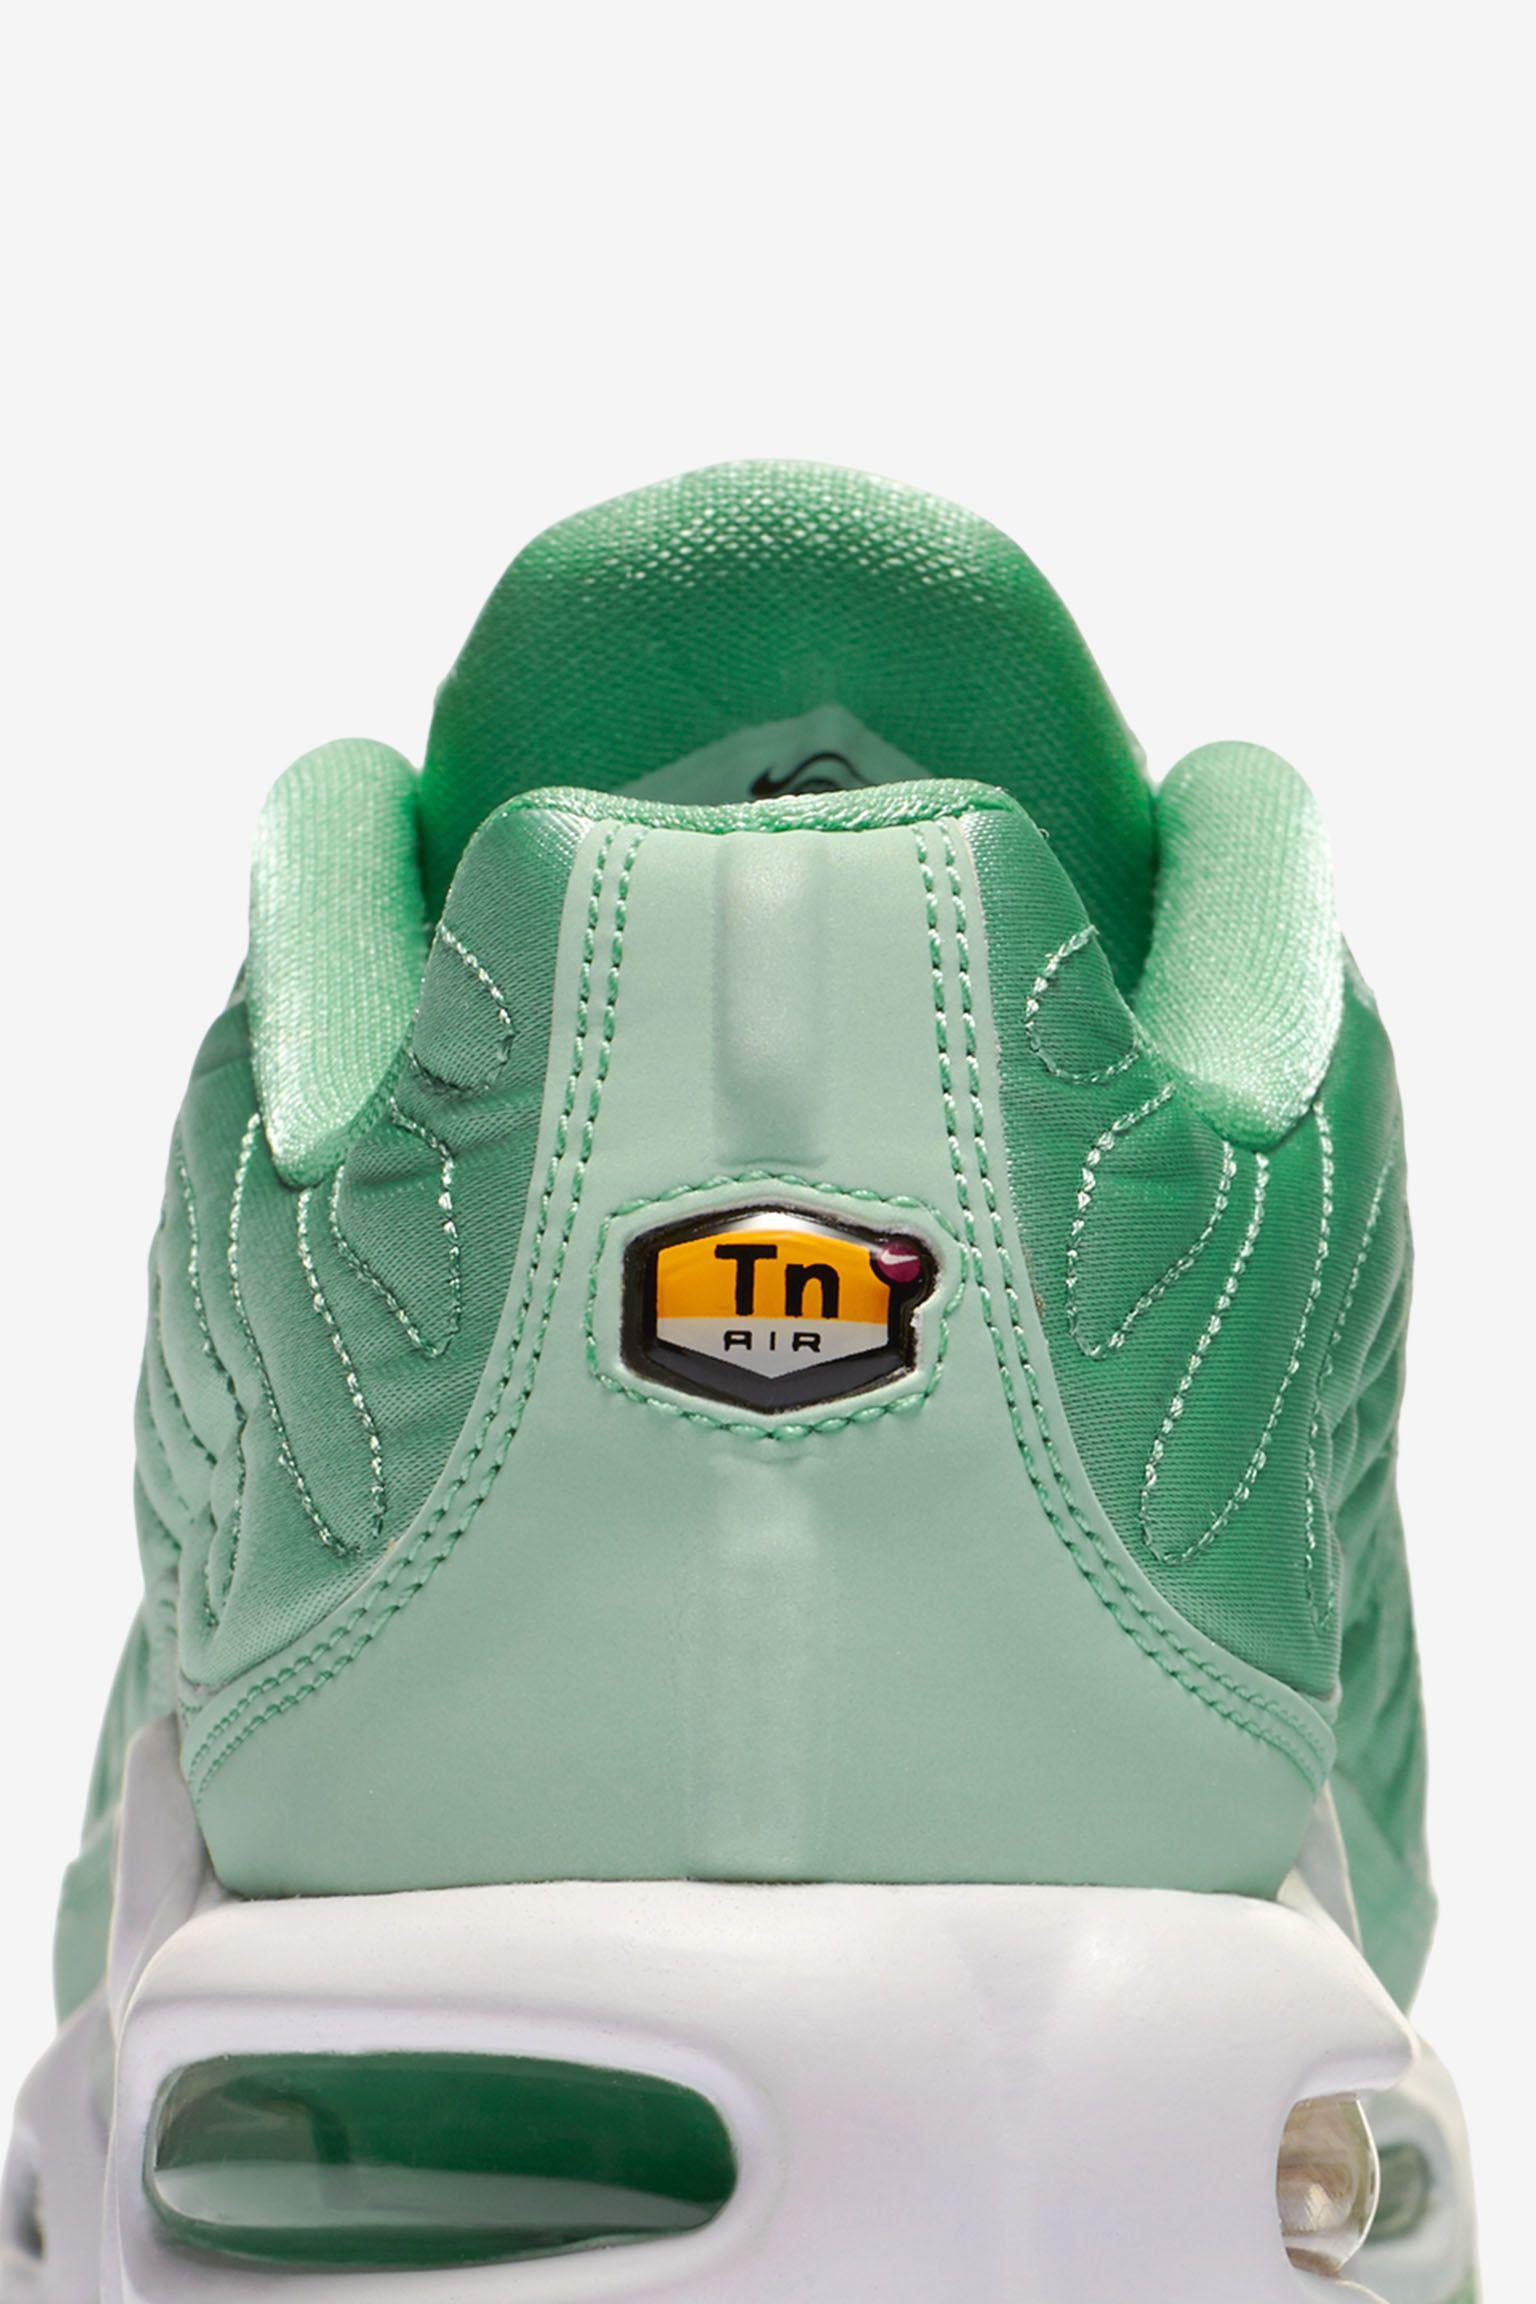 Women's Nike Air Max Plus 'Summer Satin' Mint